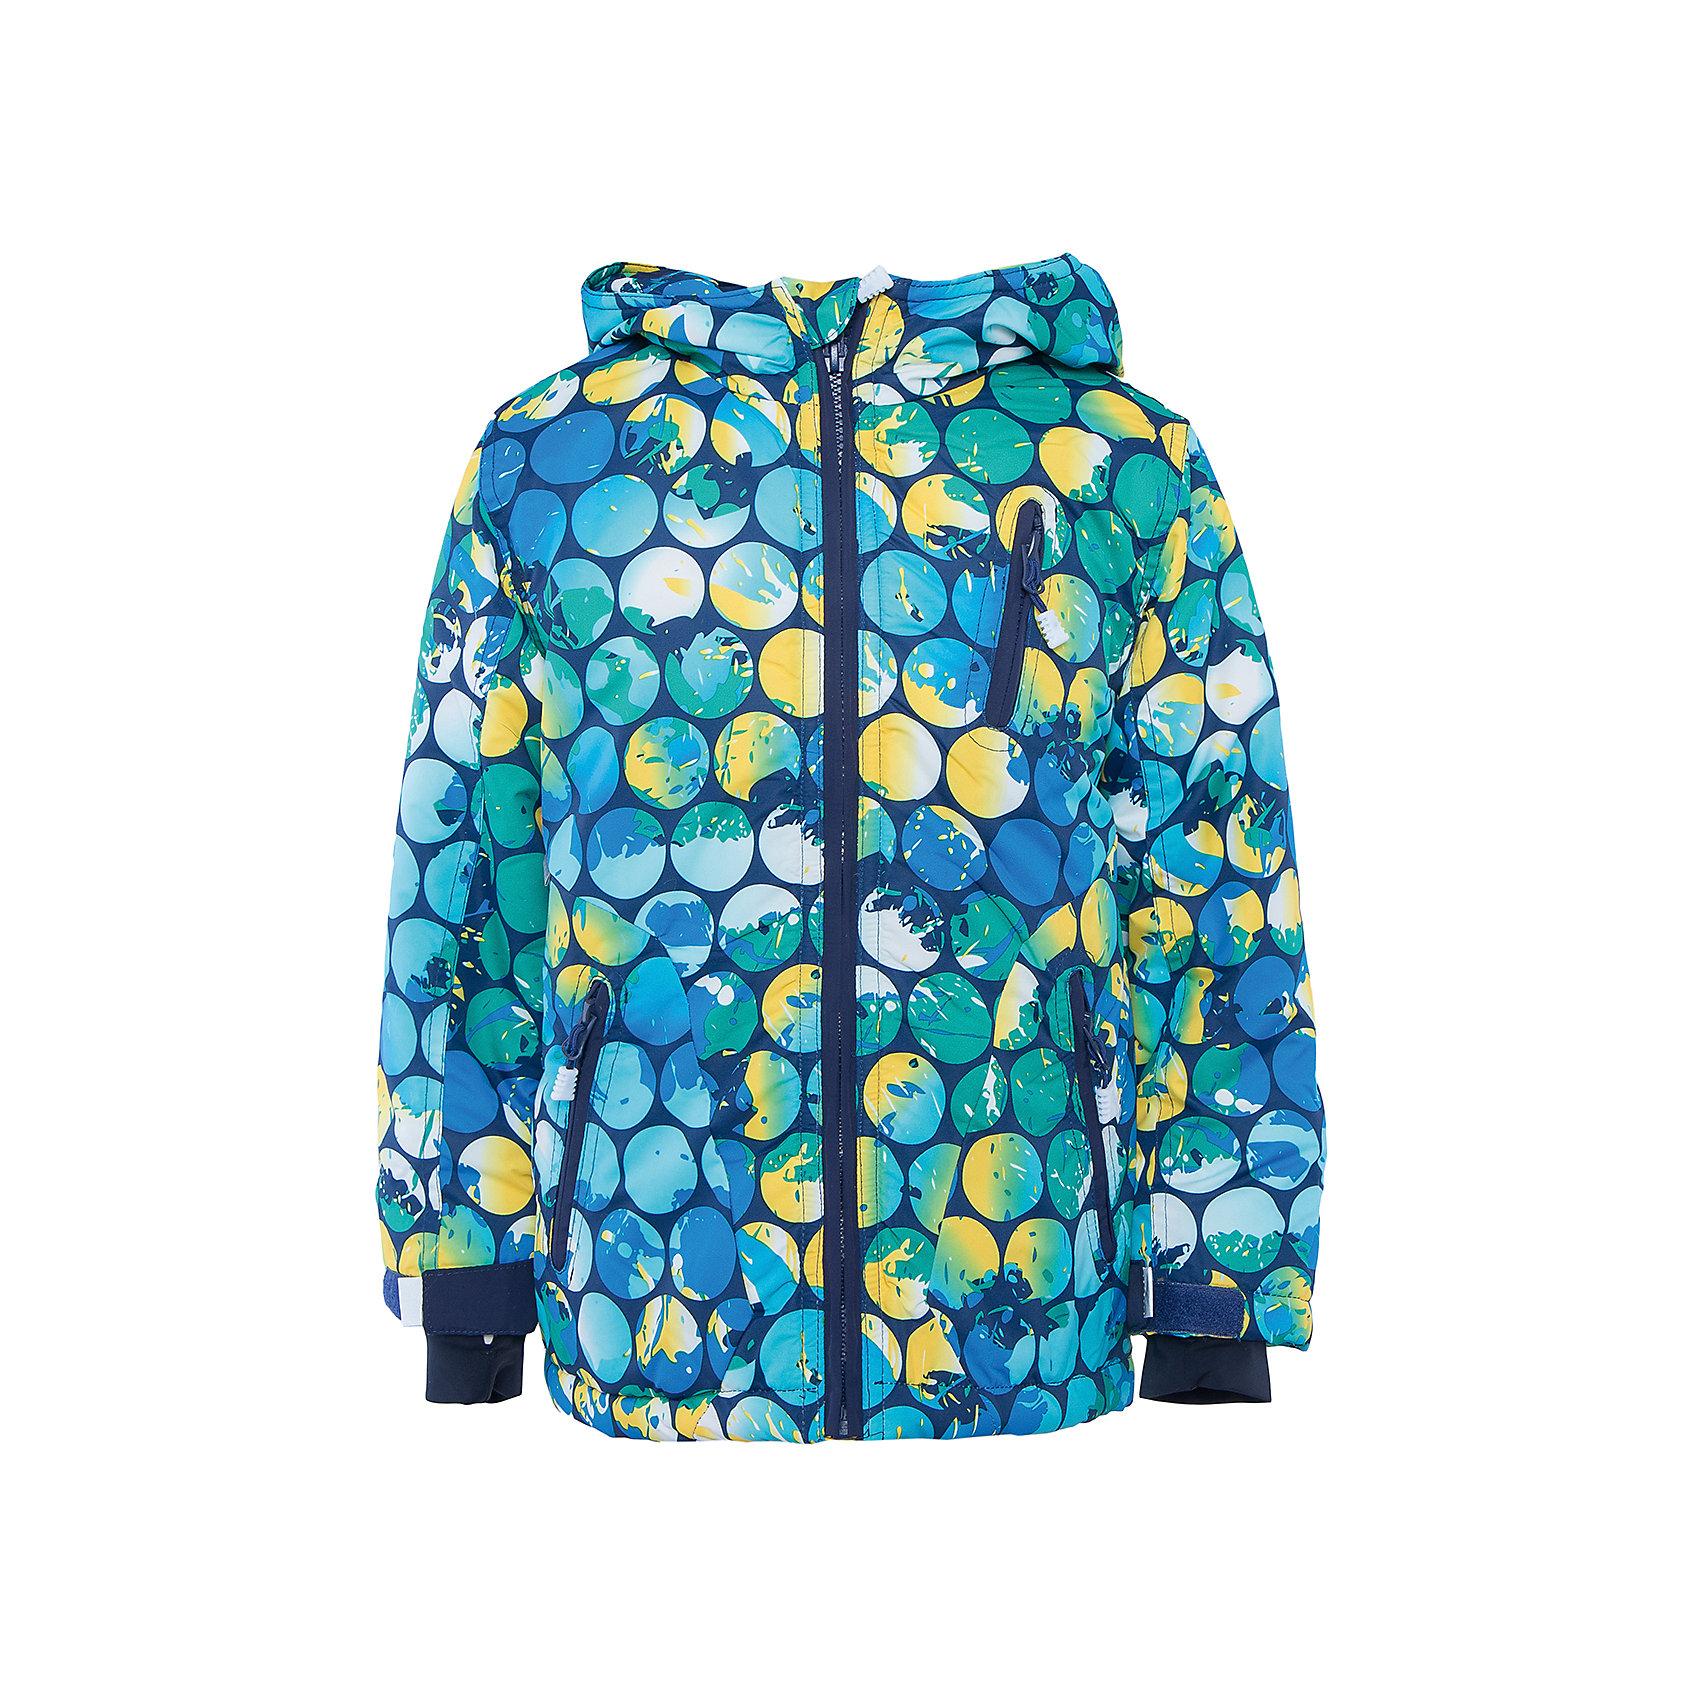 Куртка для мальчика PlayTodayКуртка для мальчика от известного бренда PlayToday.<br>Мягкая и теплая стеганая куртка. Внутри уютная флисвоая подкладка. Украшена ярким стильным принтом с неоновым эффектом. Застегивается на молнию с защитой подбородка, есть внутренняя ветрозащитная планка. Внизу есть специальная вставка на резинке, пристегнув которую вы надежно защитите малыша от снега. Капюшон утягивается стопперами, есть два кармана на молнии.  На рукавах дополнительные трикотажные манжеты-полуварежки с отверствием для большого пальца, которые обеспечивают защиту от ветра и снега.<br>Состав:<br>Верх: 100% полиэстер, Подкладка: 100% полиэстер, Наполнитель: 100% полиэстер, 300 г/м2<br><br>Ширина мм: 356<br>Глубина мм: 10<br>Высота мм: 245<br>Вес г: 519<br>Цвет: разноцветный<br>Возраст от месяцев: 36<br>Возраст до месяцев: 48<br>Пол: Мужской<br>Возраст: Детский<br>Размер: 104,122,128,116,110,98<br>SKU: 4898138